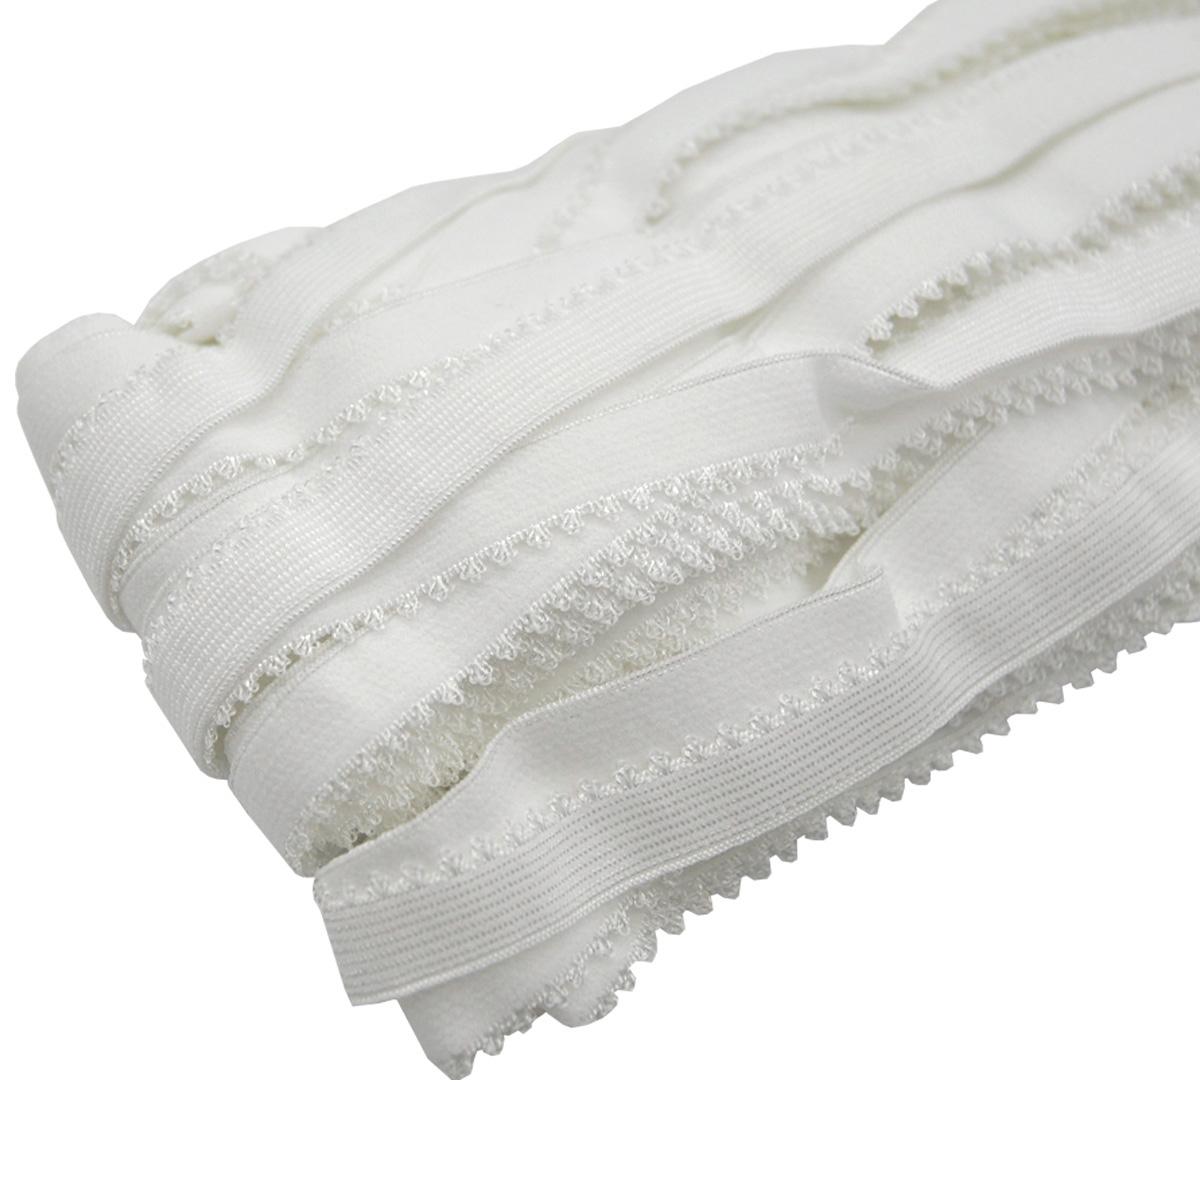 ST/41 эластичная ажурная лента 14мм*25м, белый